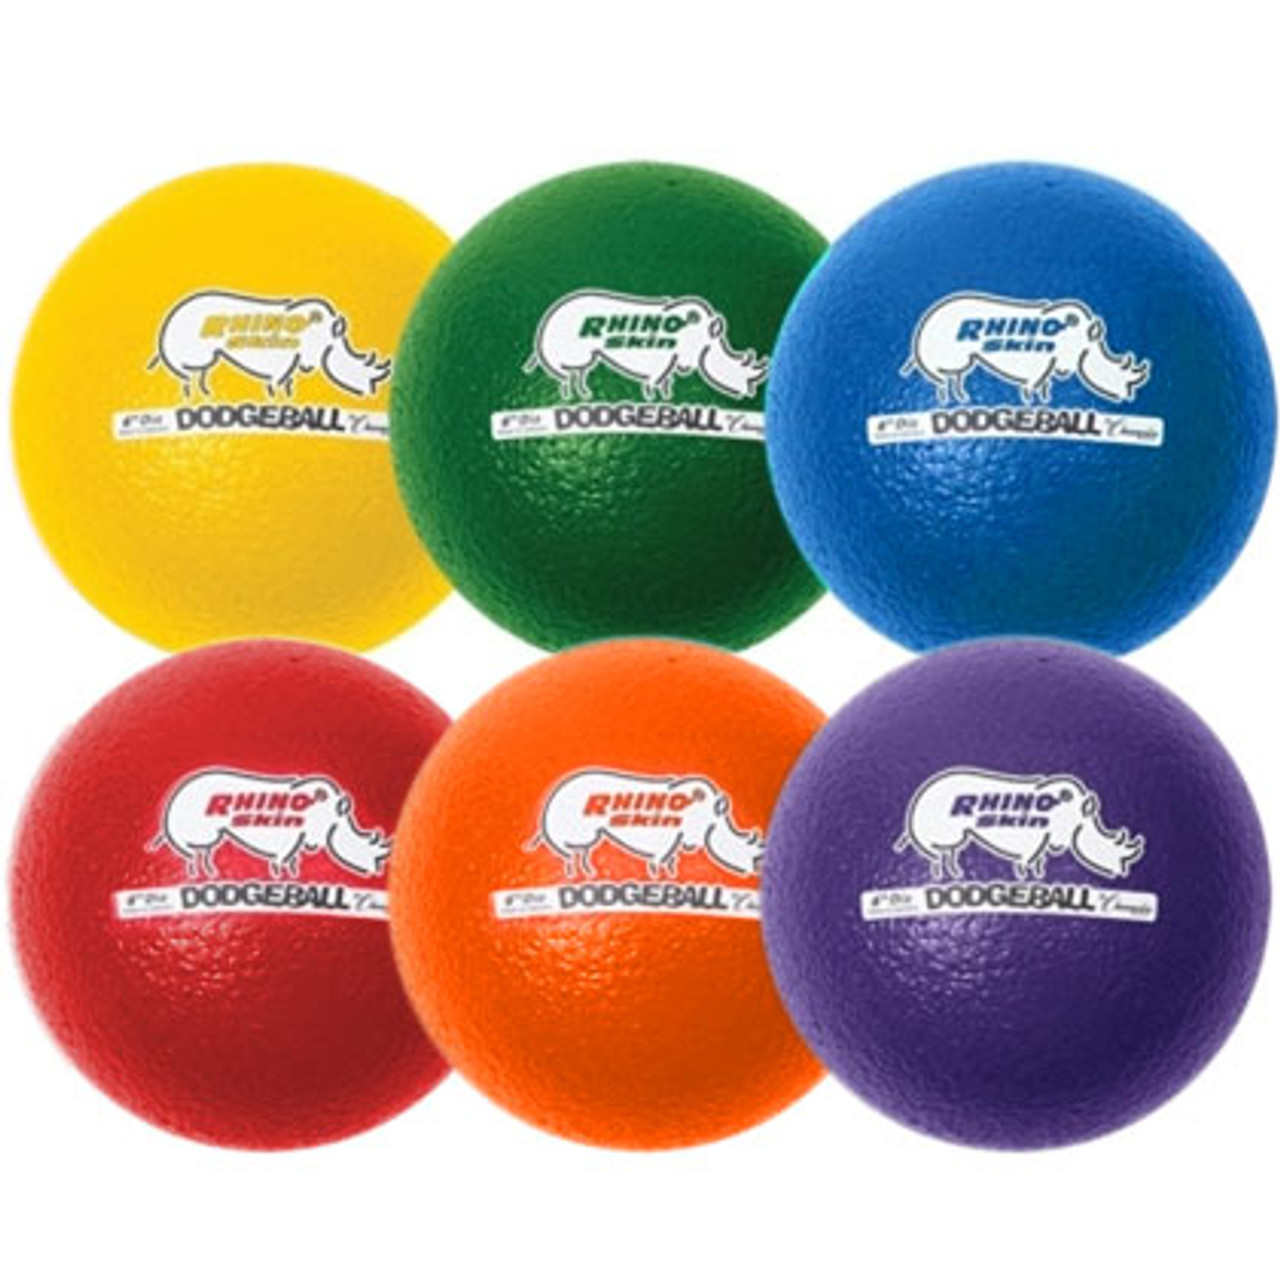 Rhino World Dodgeball Set